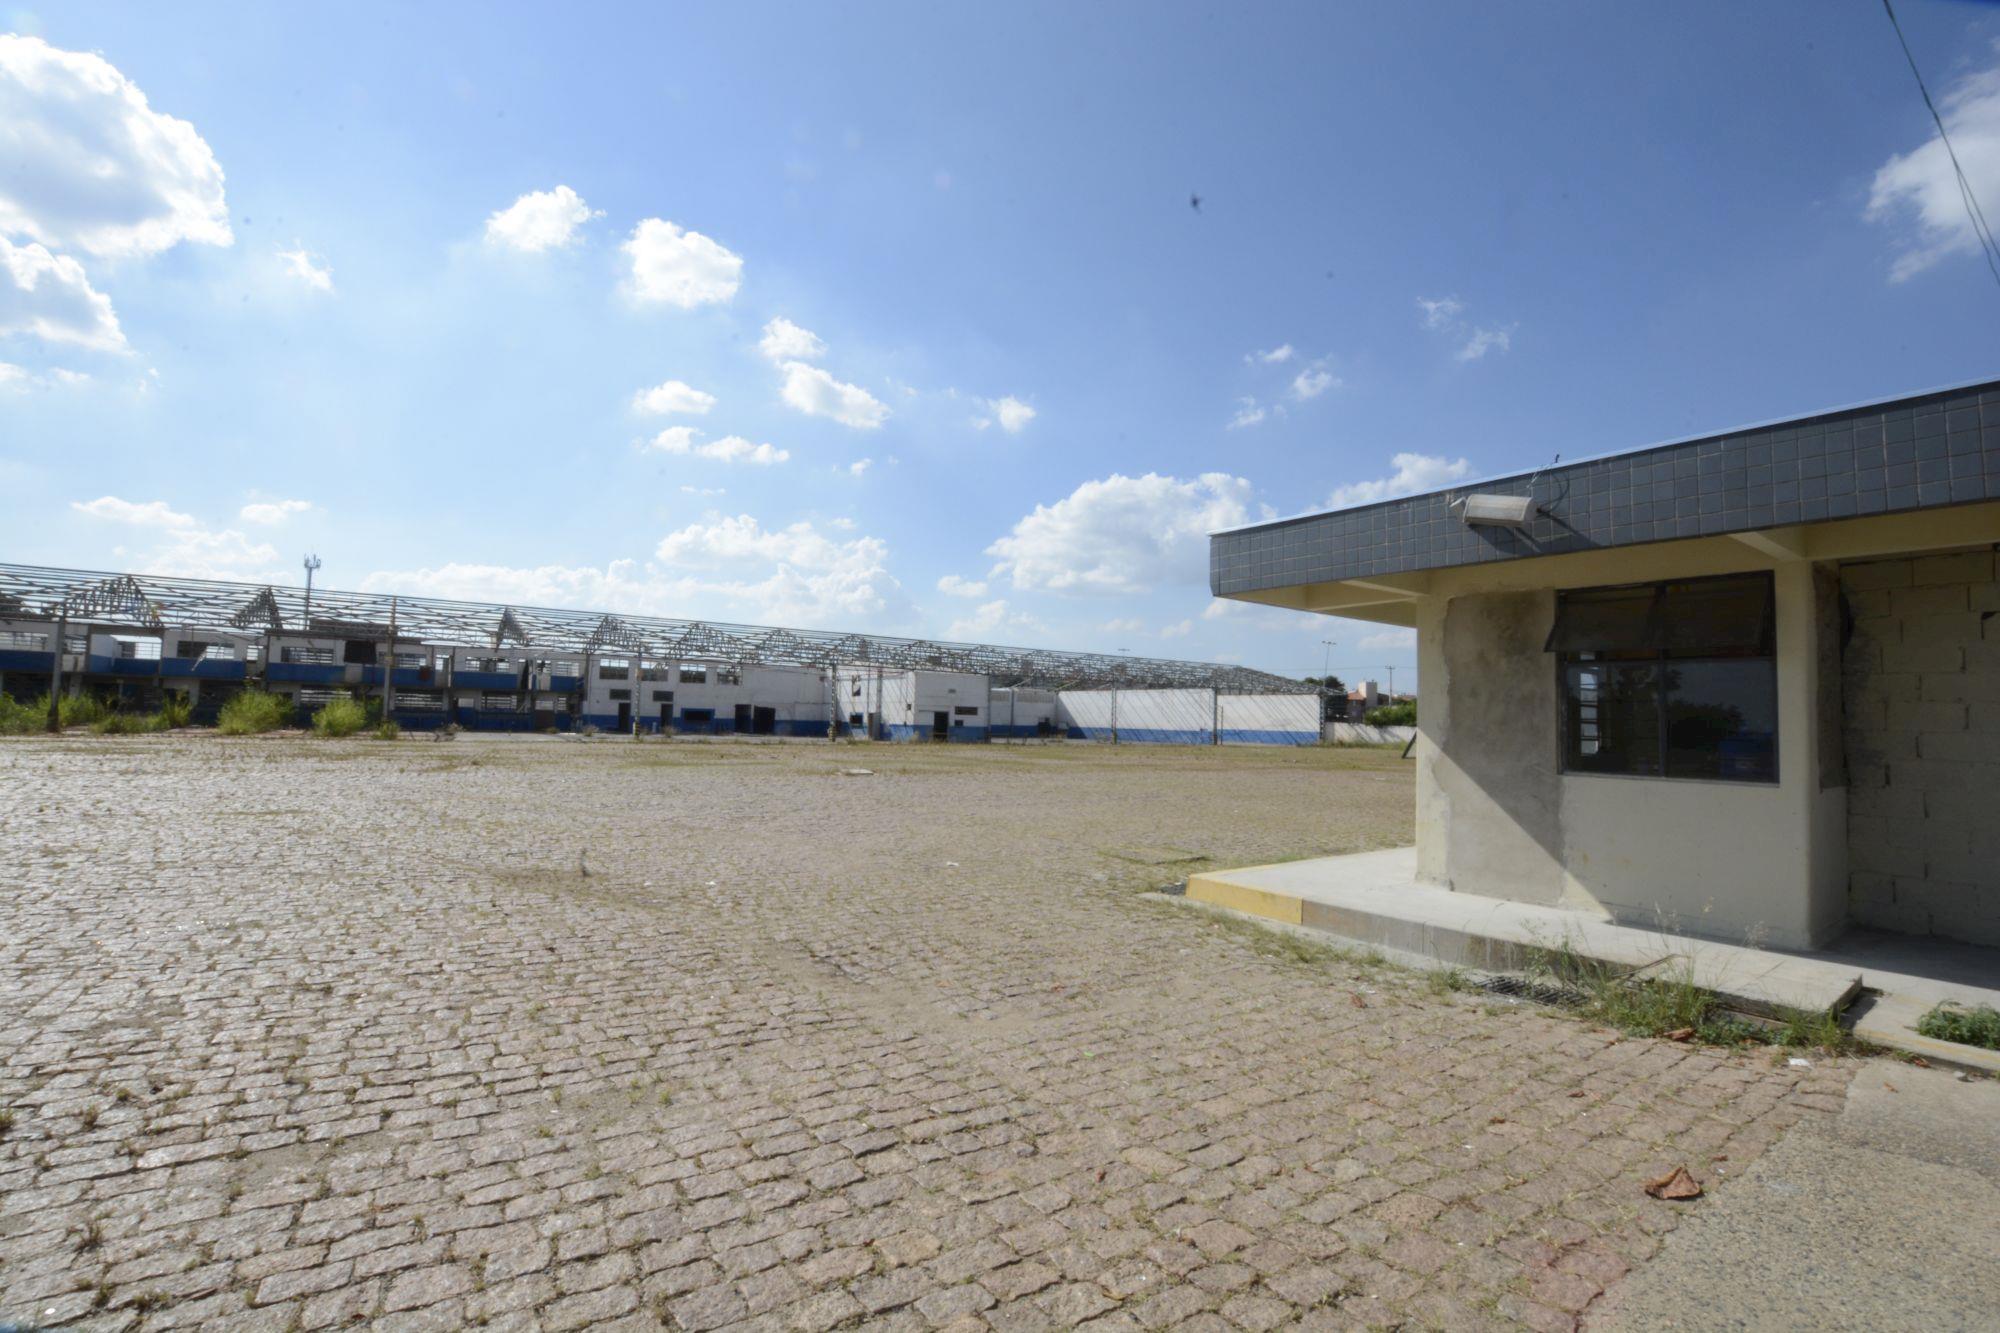 Terreno, hospital, municipal, Arquivo/Imprensa SMetal